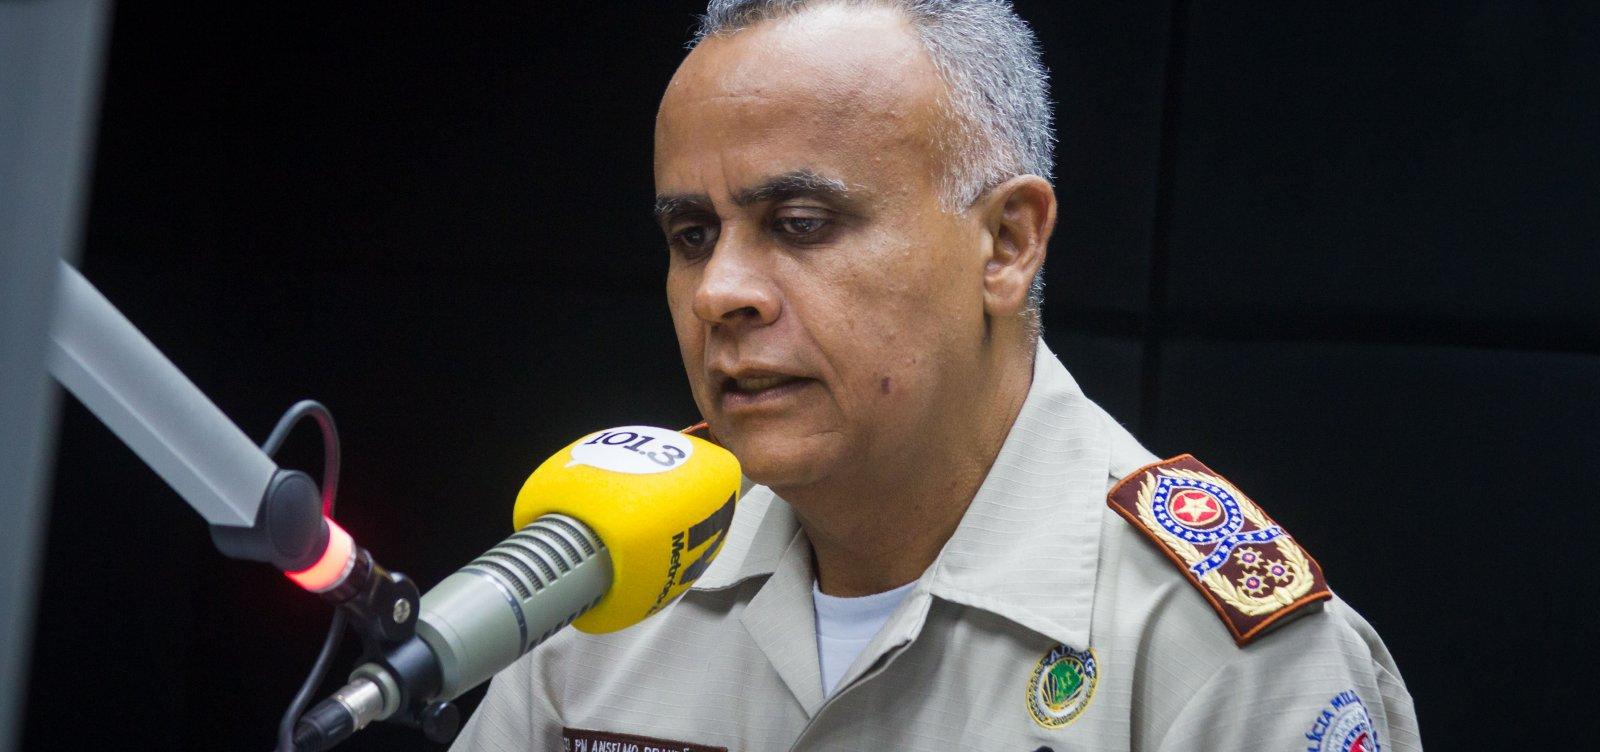 Segundo turno na Bahia terá esquema de segurança com 25 mil policiais